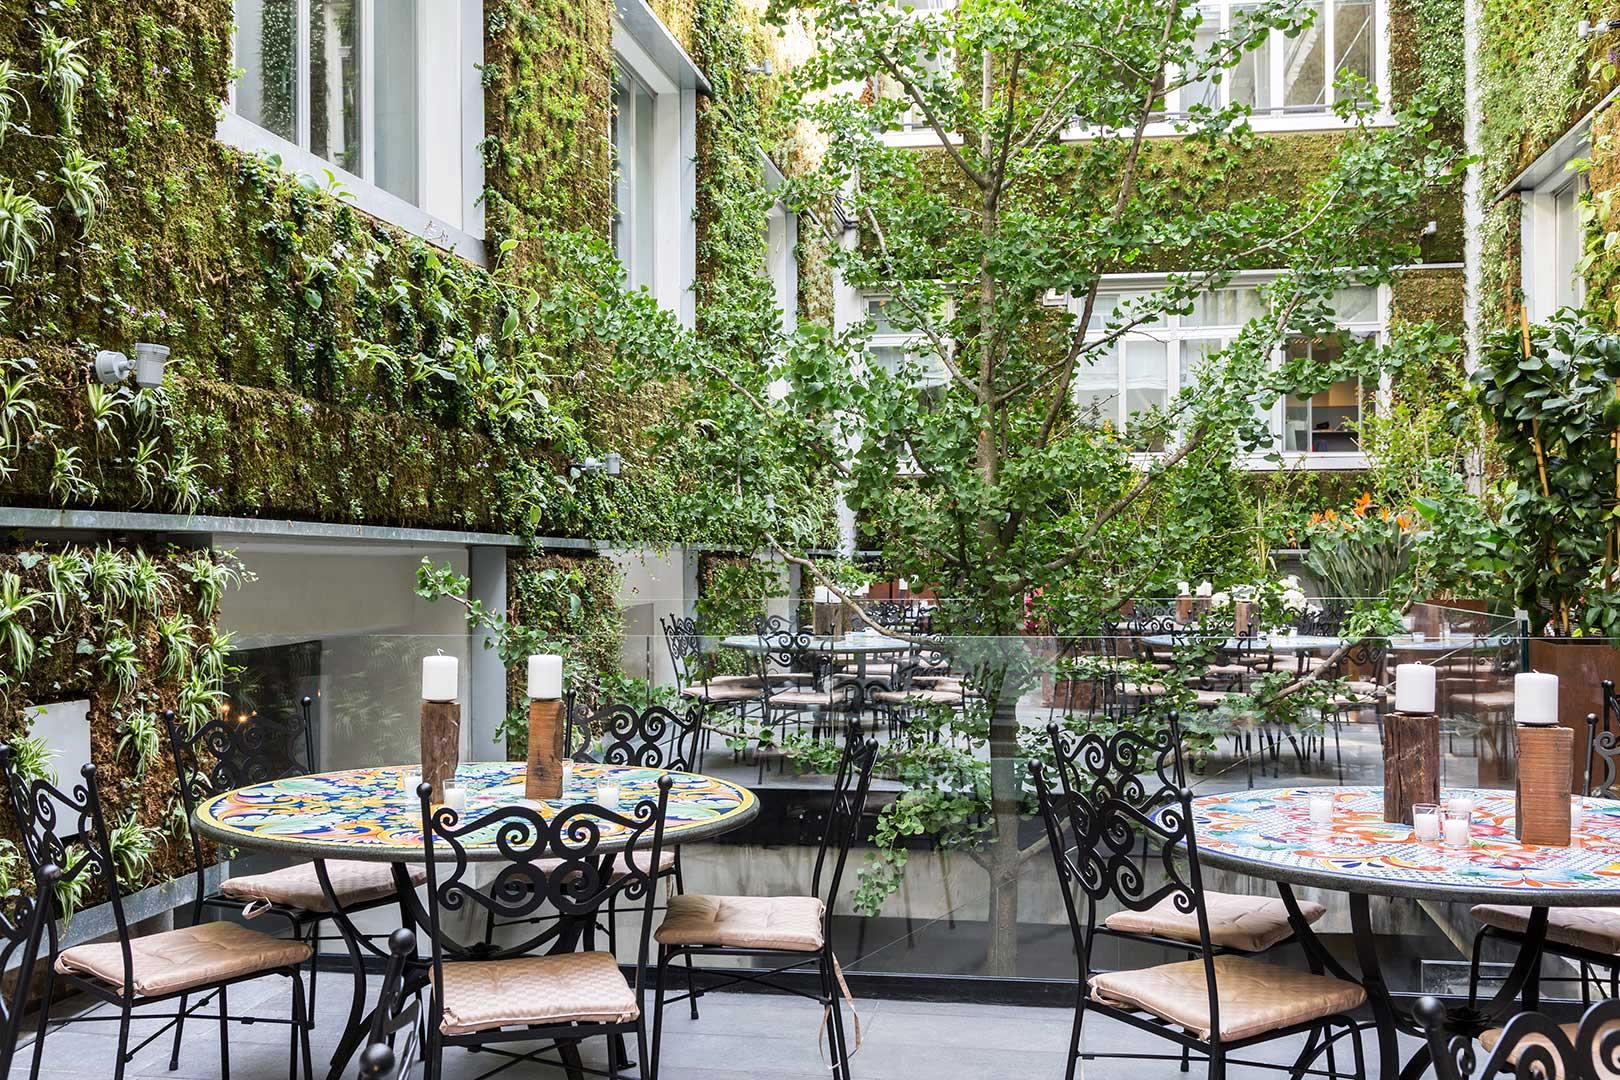 I 10 migliori ristoranti con cortile di milano flawless for Milano migliori ristoranti